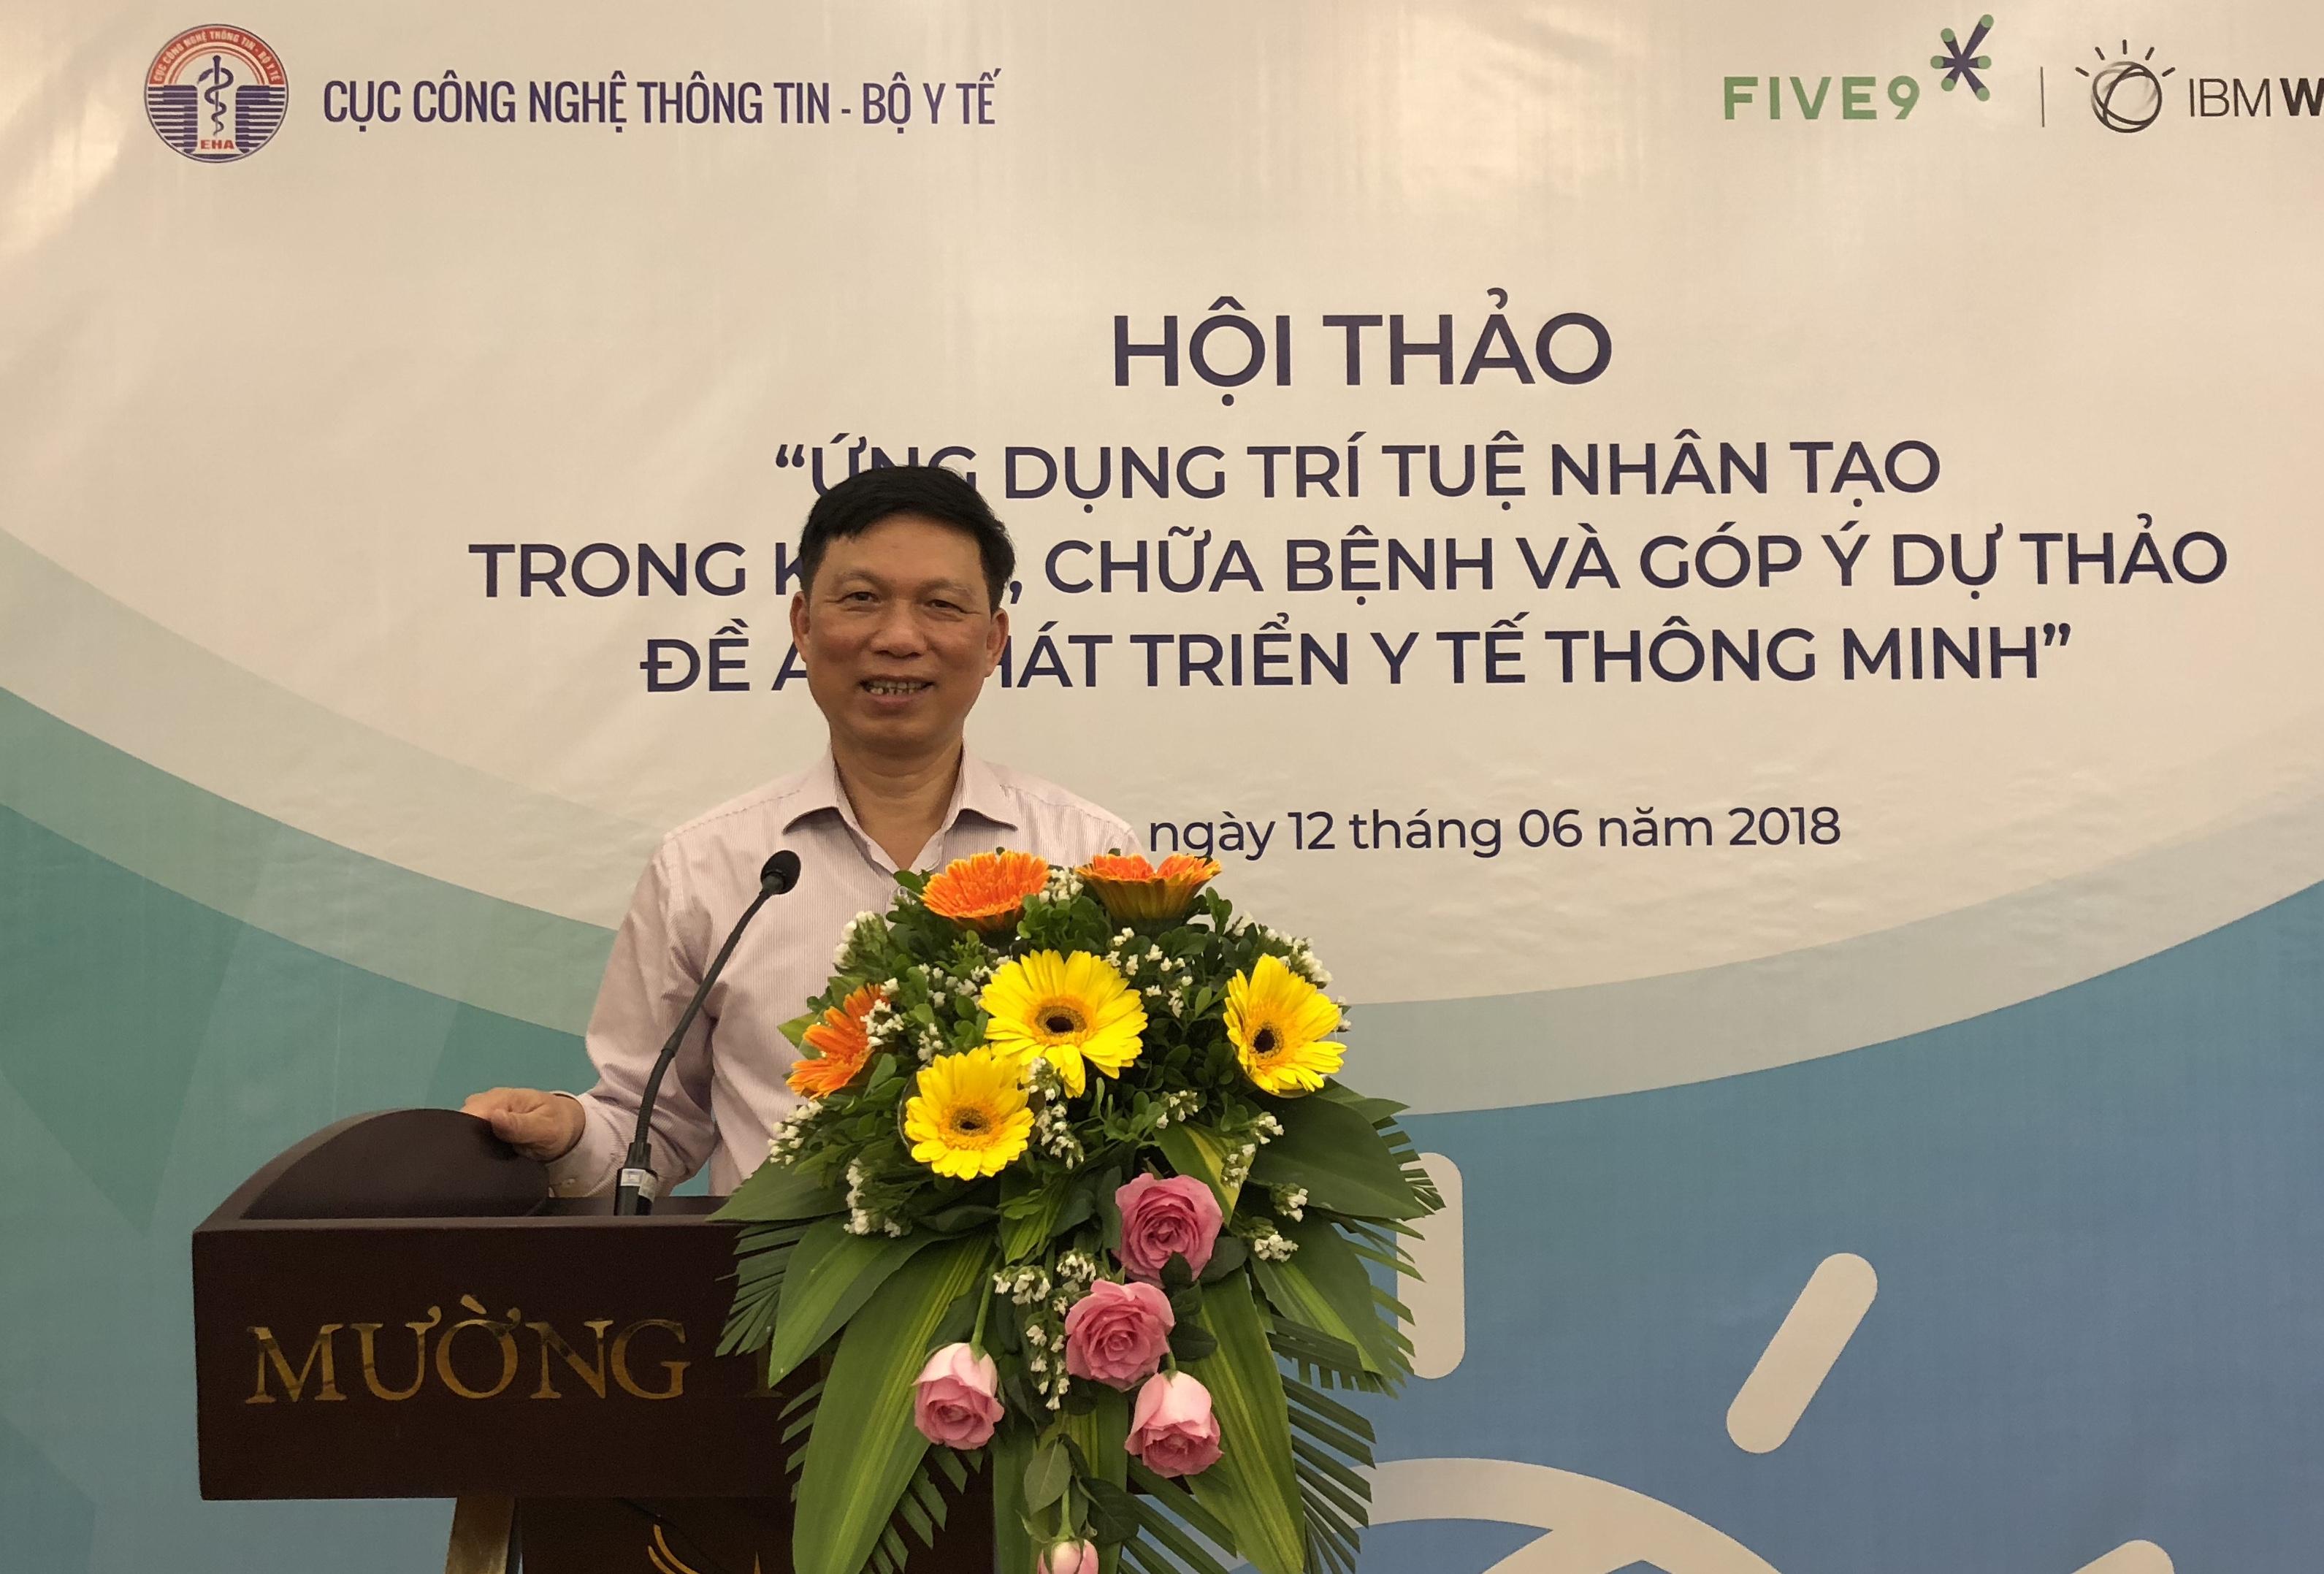 Ông Trần Quý Tường, Cục trưởng Cục Công nghệ thông tin, Bộ Y tế tại Hội thảo.